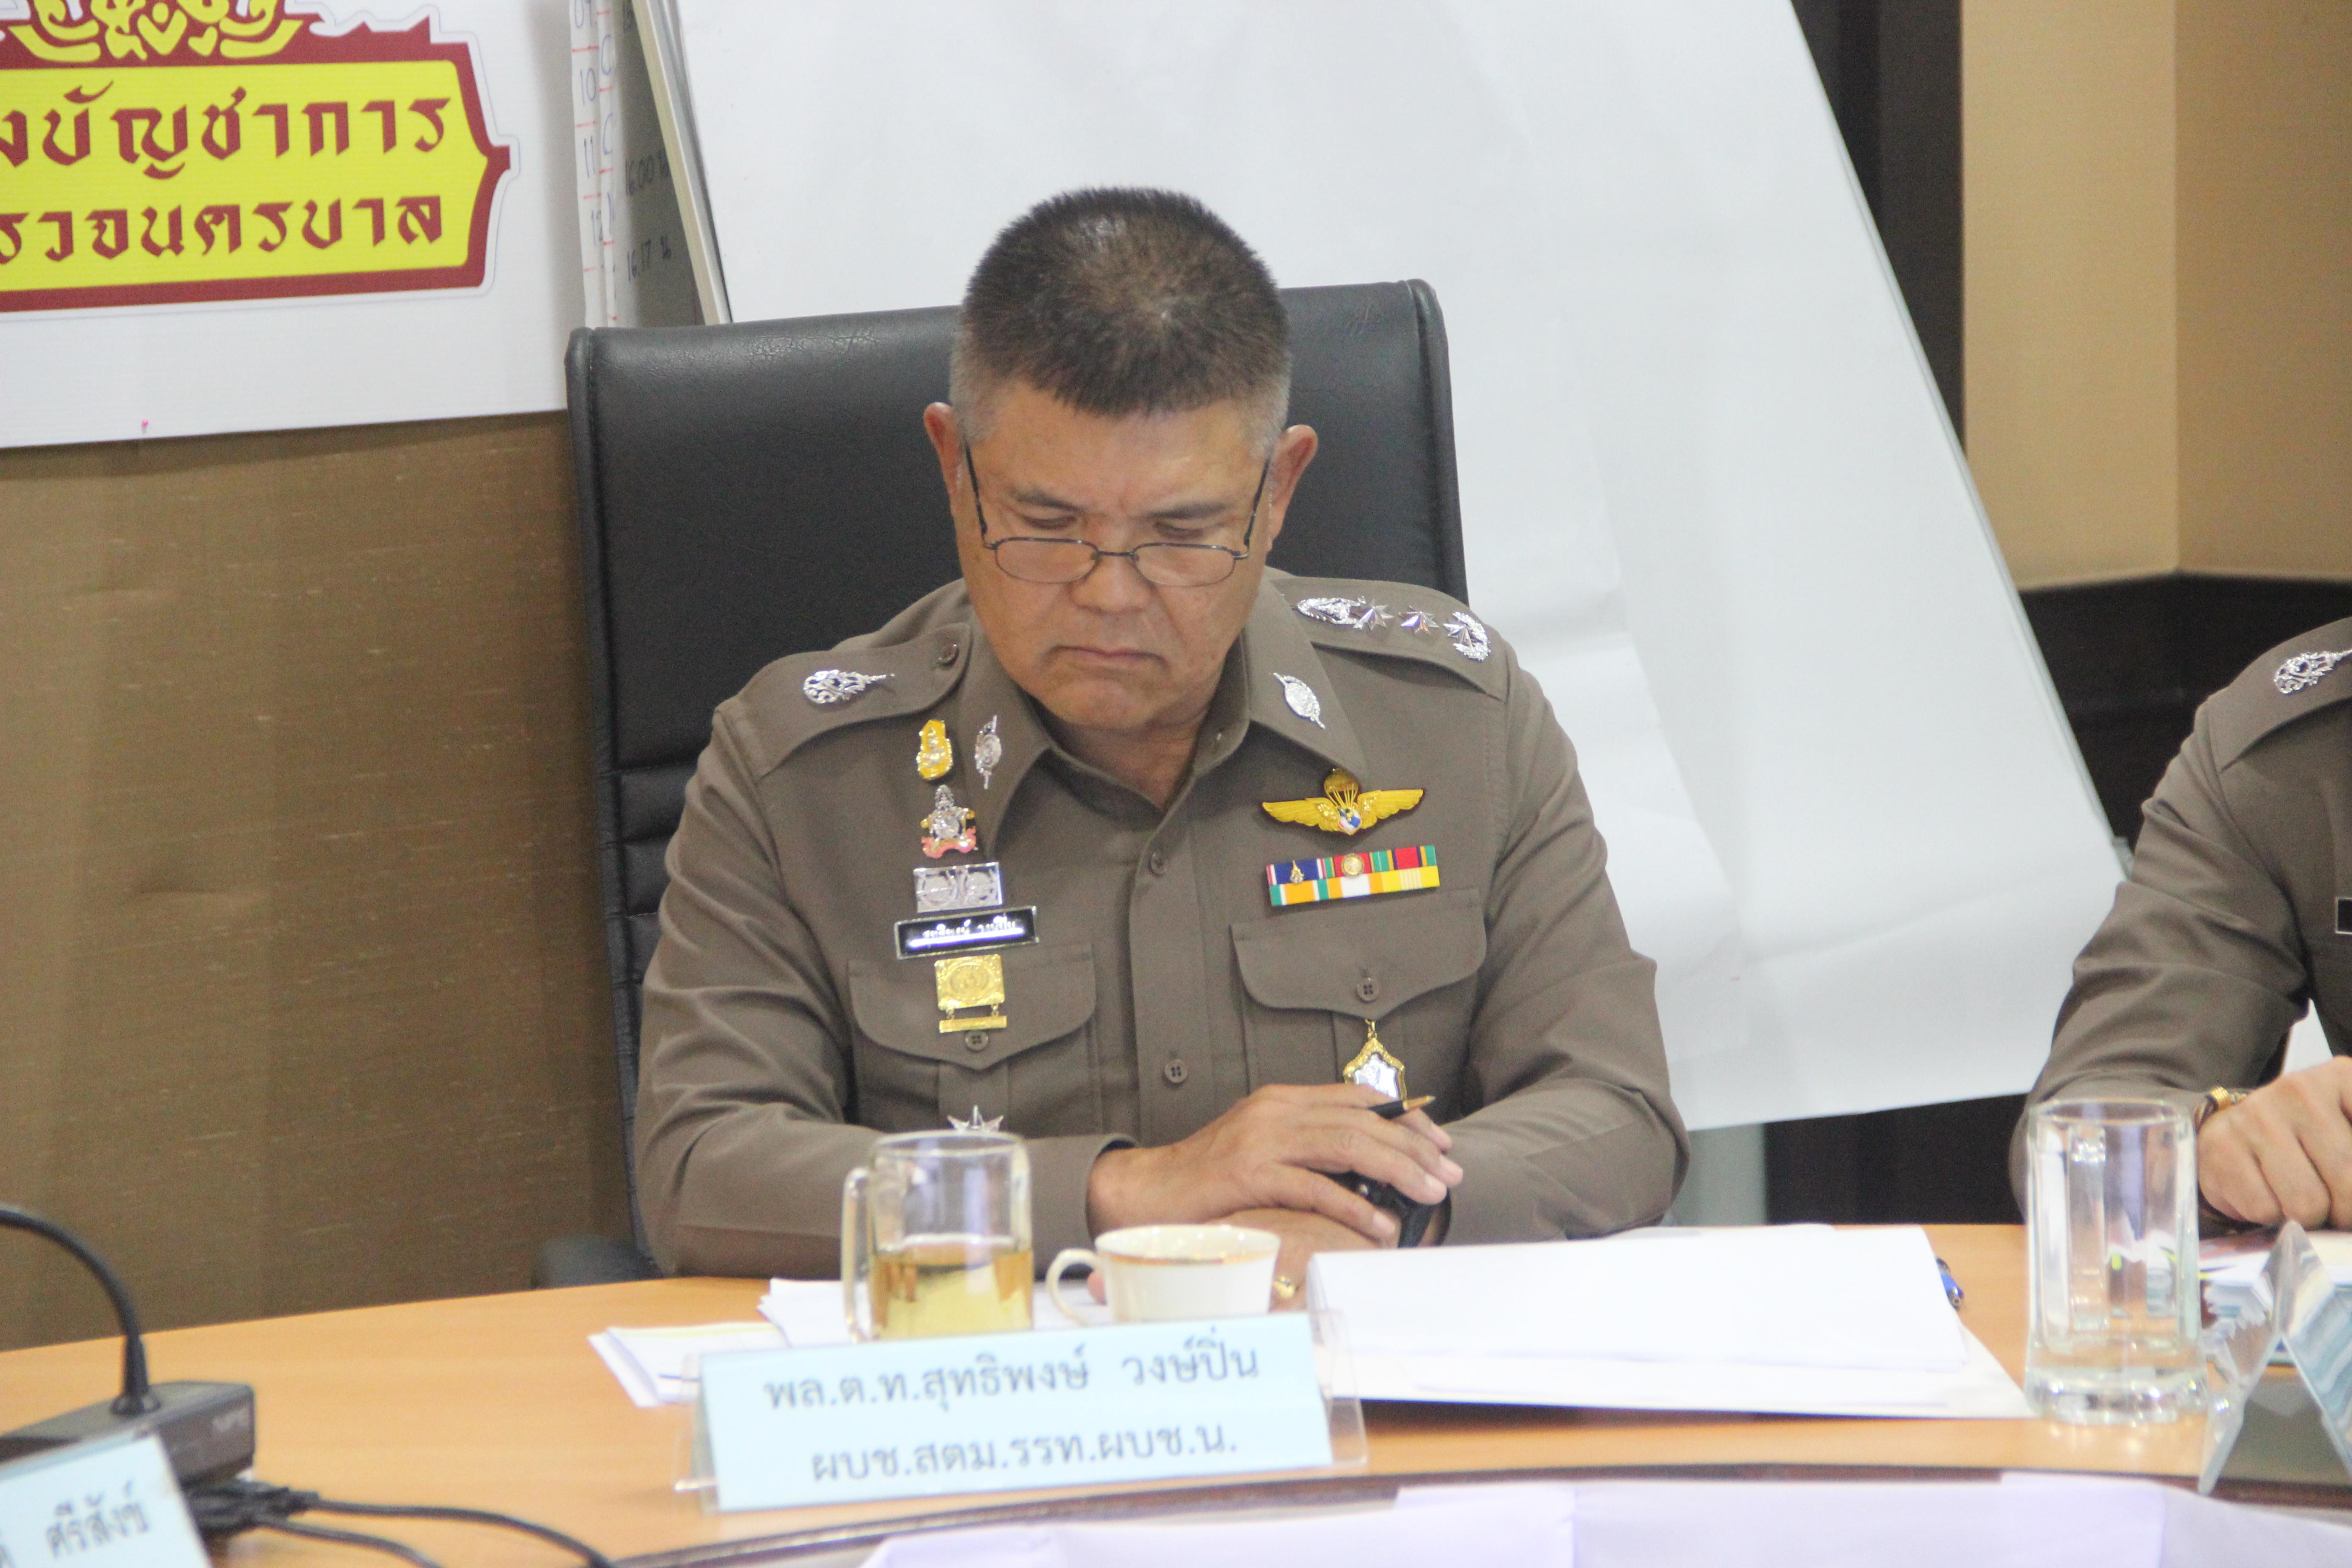 พลอากาพลตำรวจโท สุทธิพงษ์ วงษ์ปิ่น ศเอก อิทธิศักดิ์ ศรีสังข์